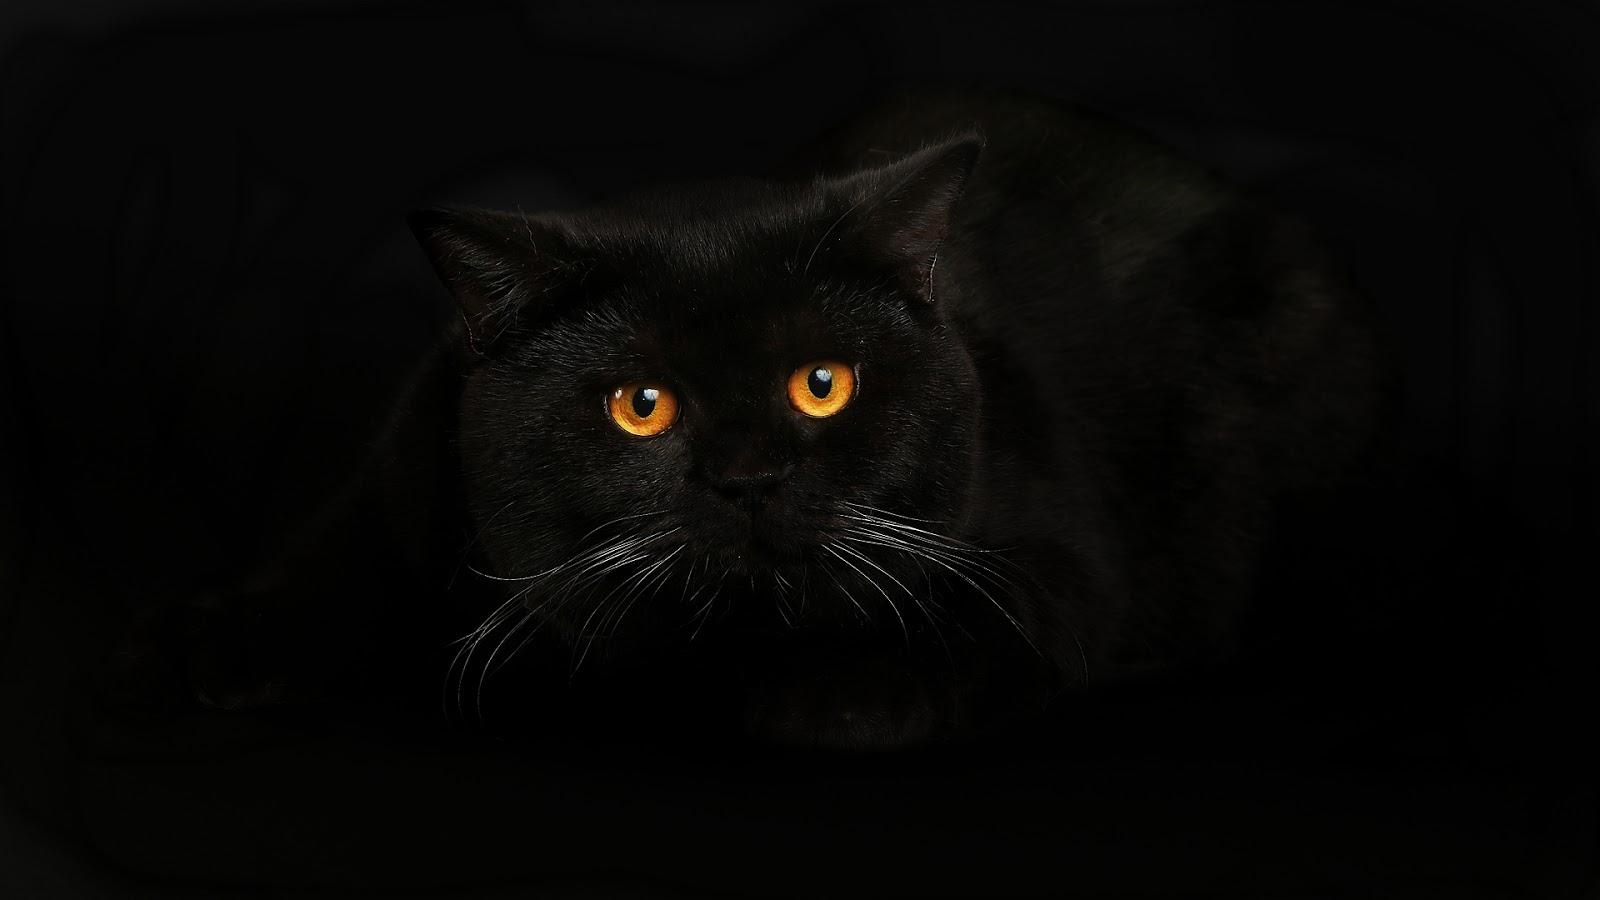 обои на рабочий стол черные кошки на черном фоне № 154886  скачать